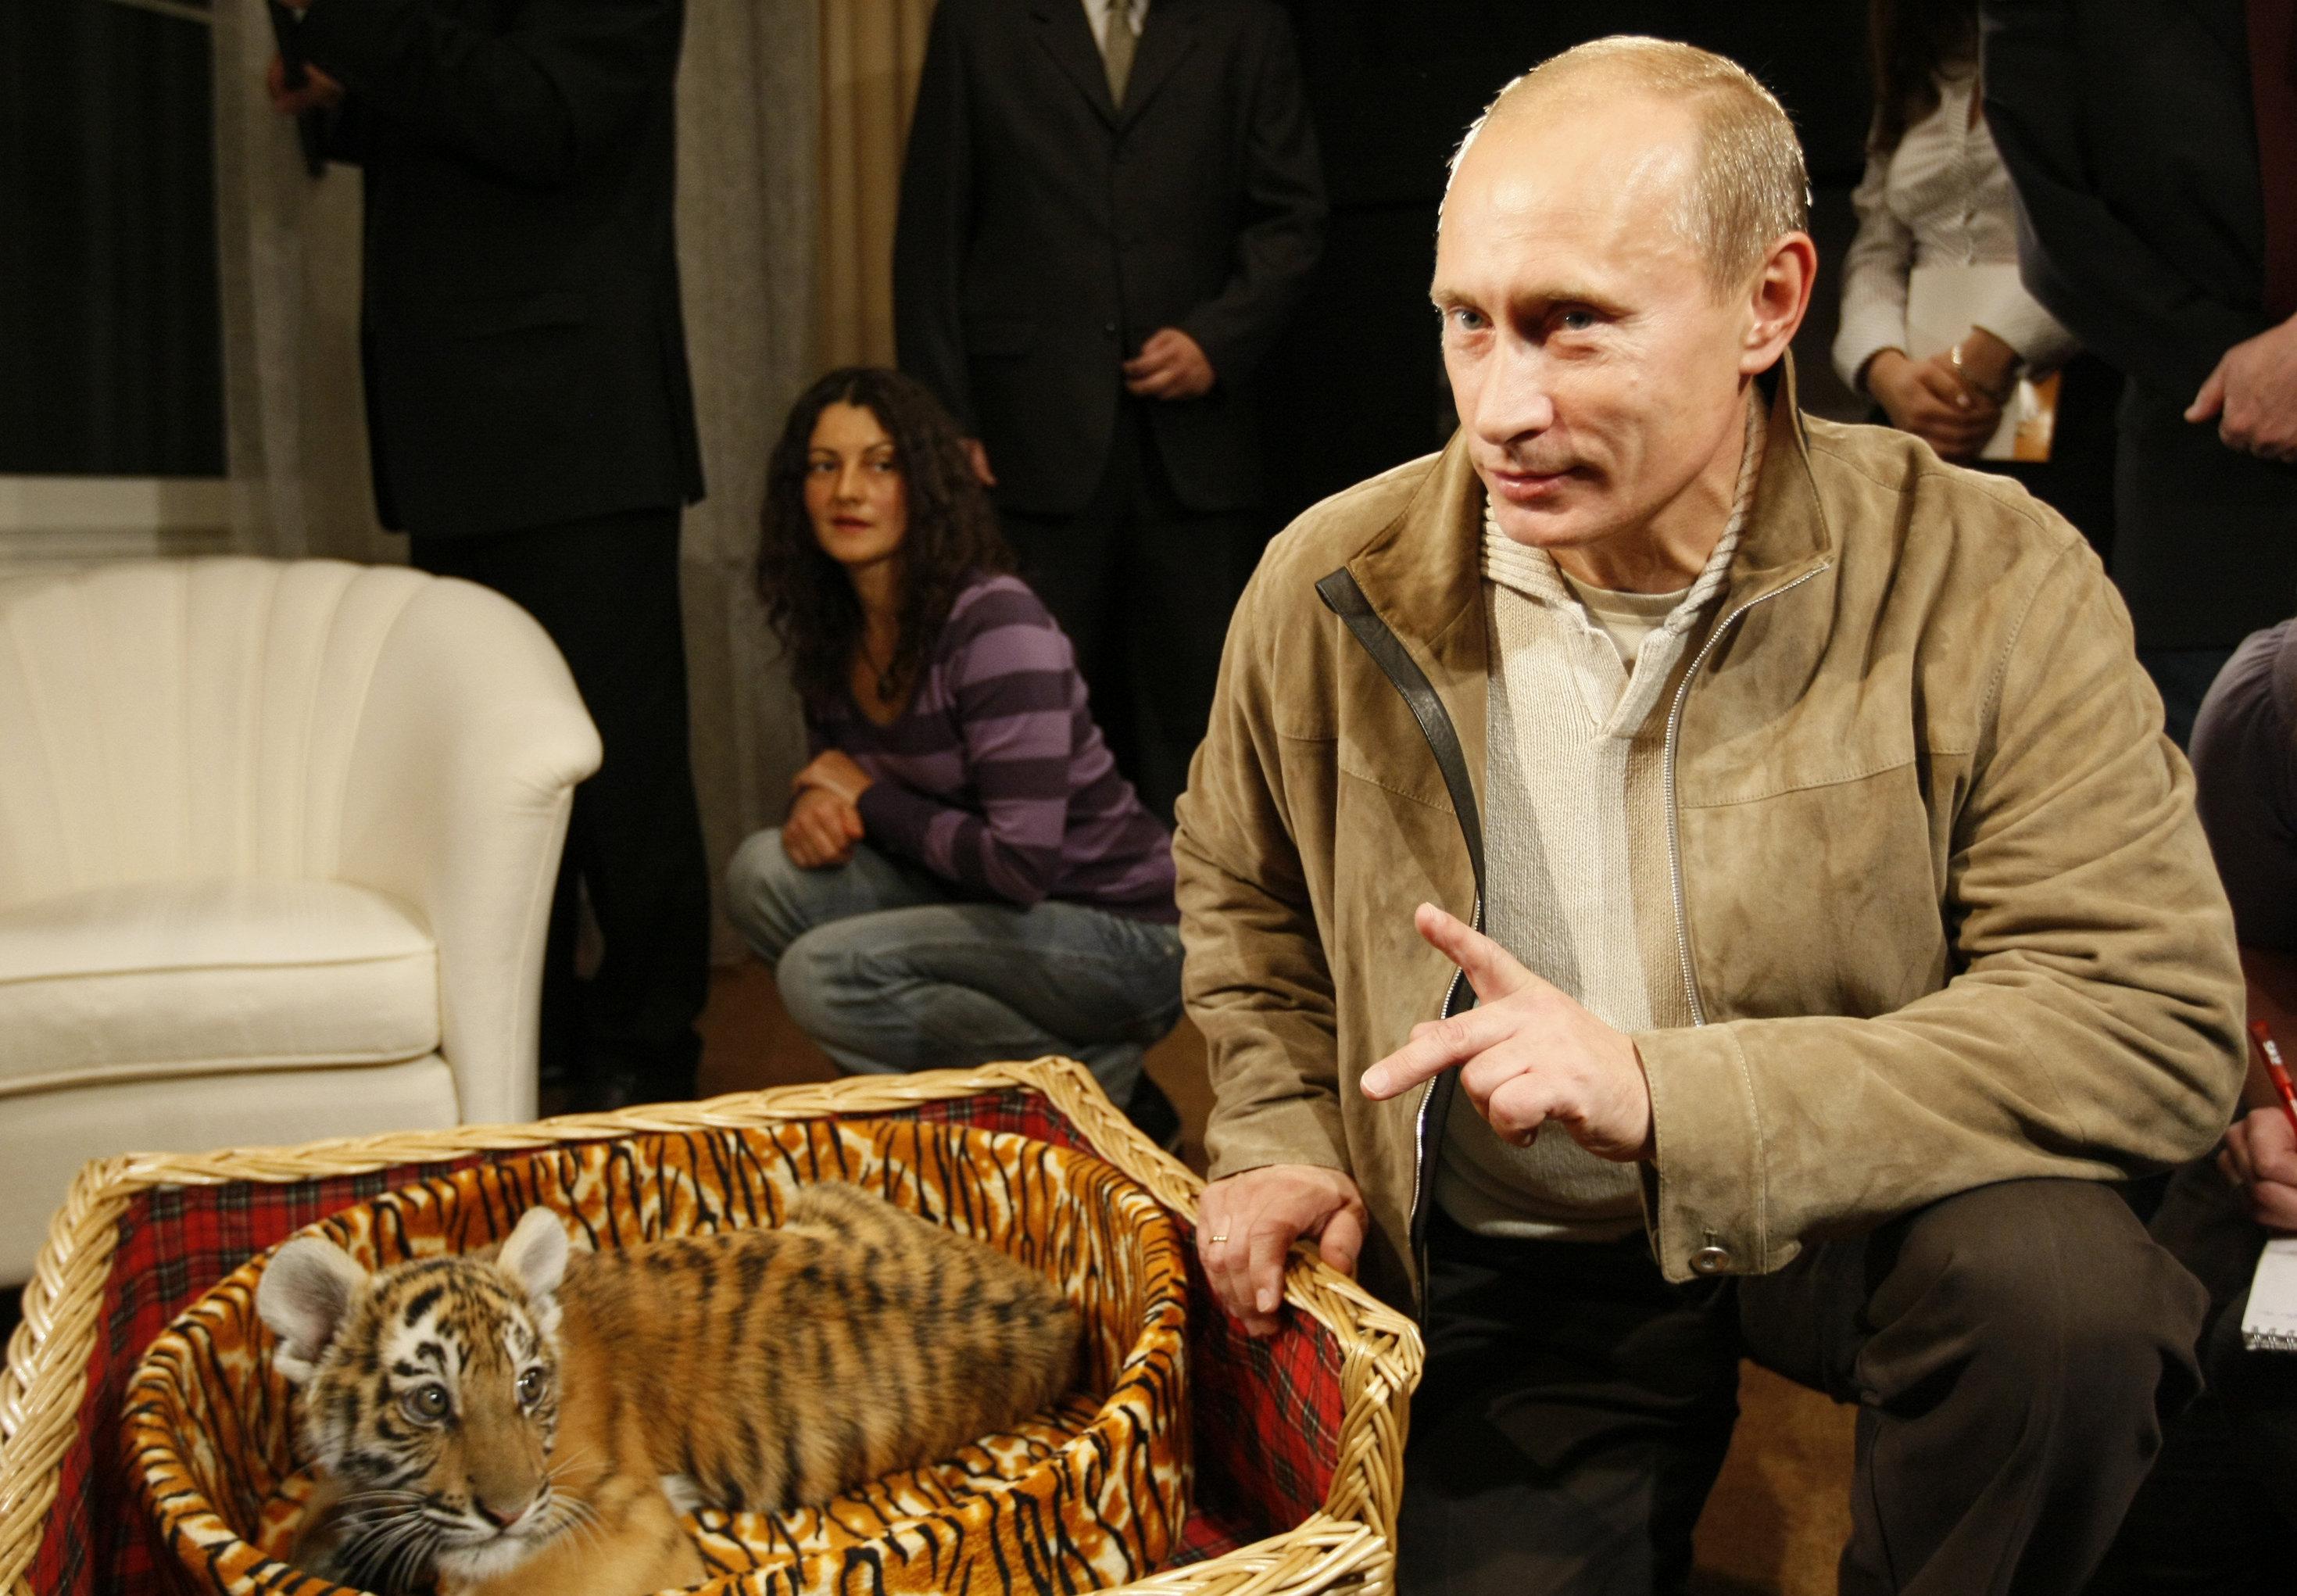 Rusya Devlet Başkanı Vladimir Putin, 2008'de 56. yaş gününde armağan edilen Sibirya kaplanını basın mensuplarına tanıtırken.